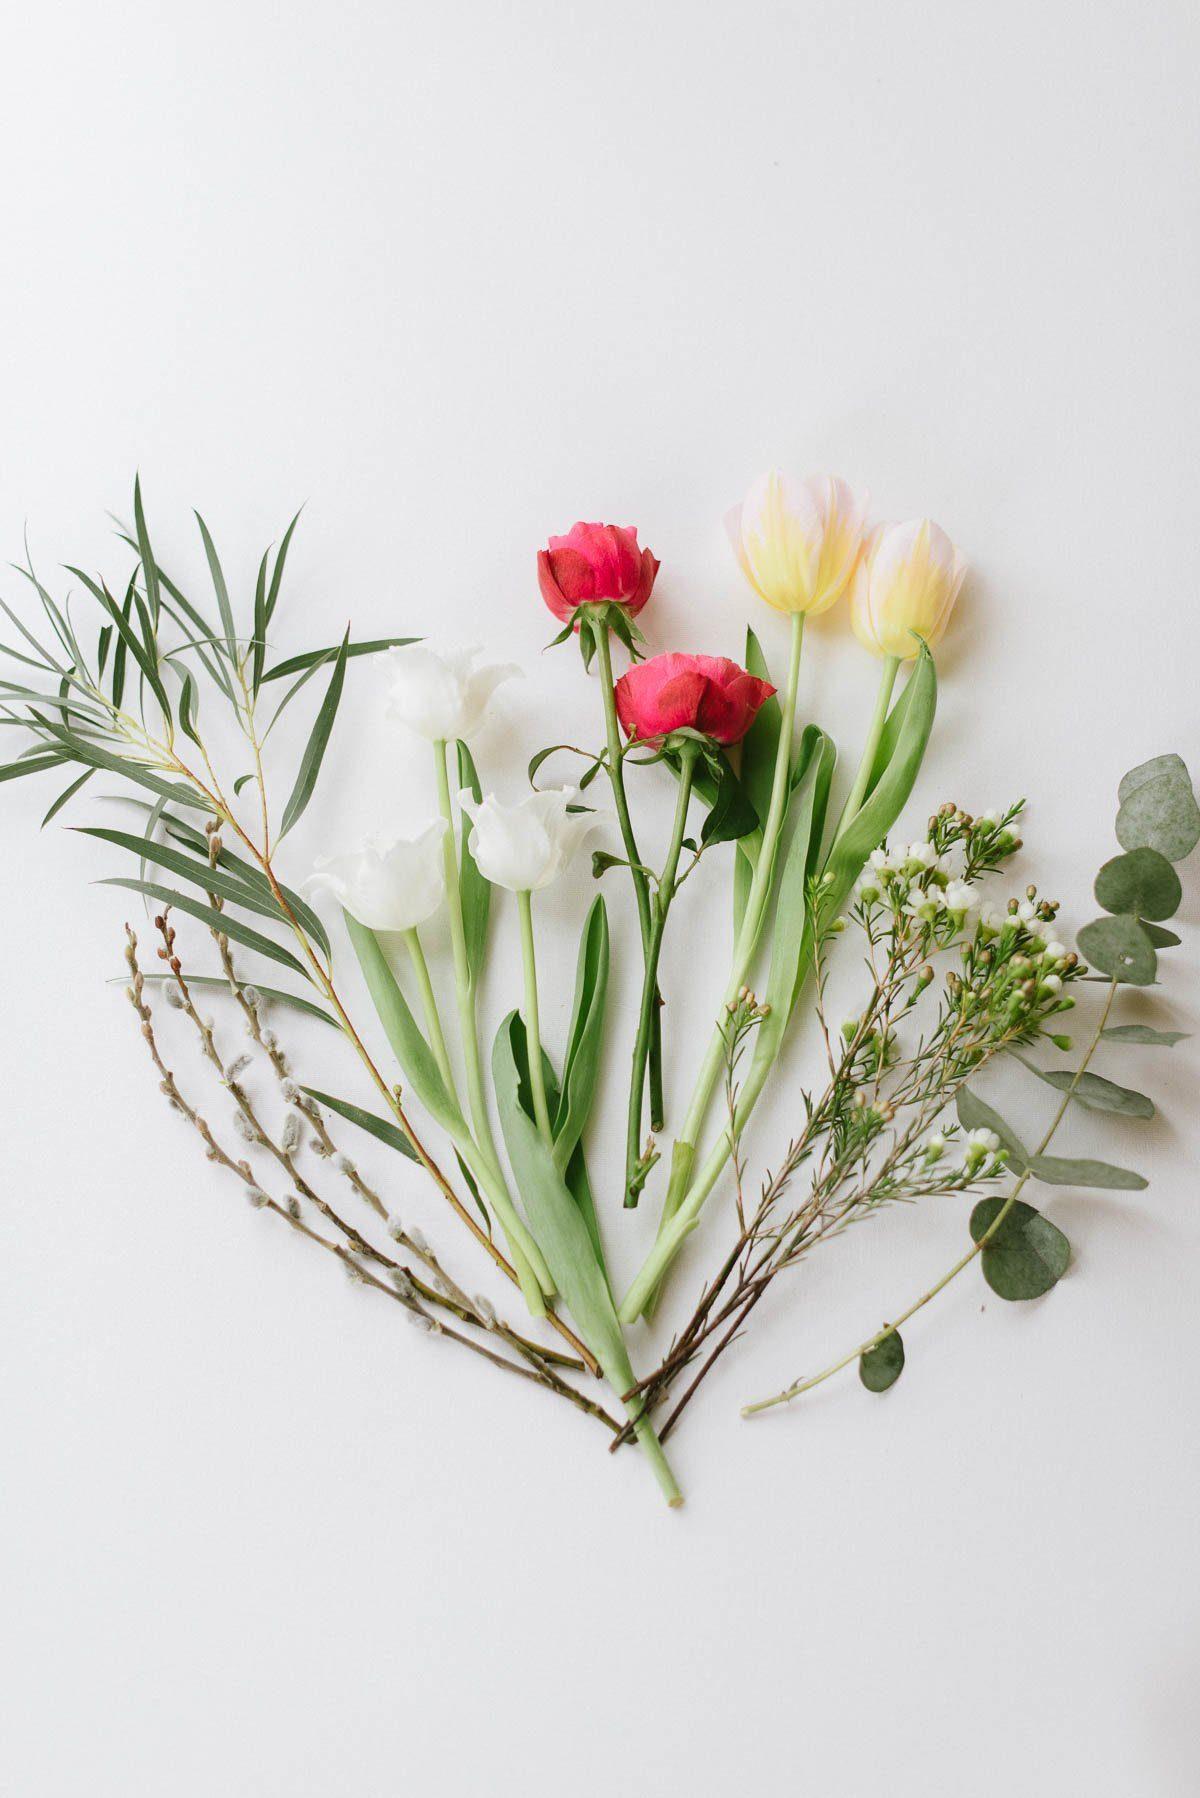 Blumen für den Frühlüngsstrauß mit Tulpen